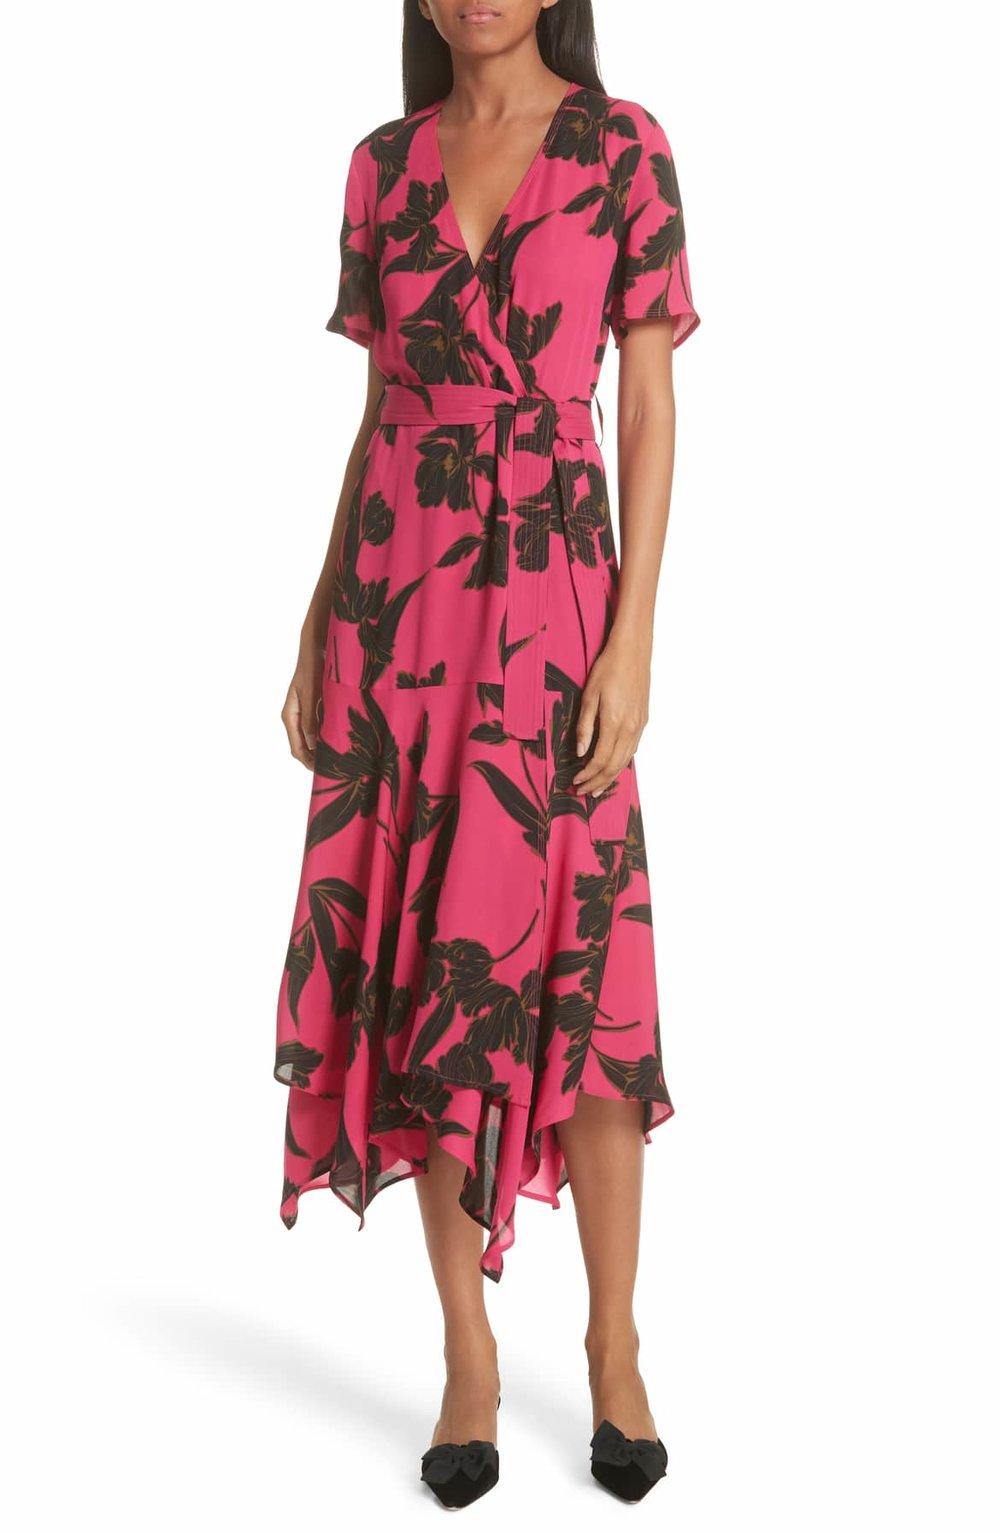 A.L.C. Cora Print Silk Midi Wrap Dress - $595.00